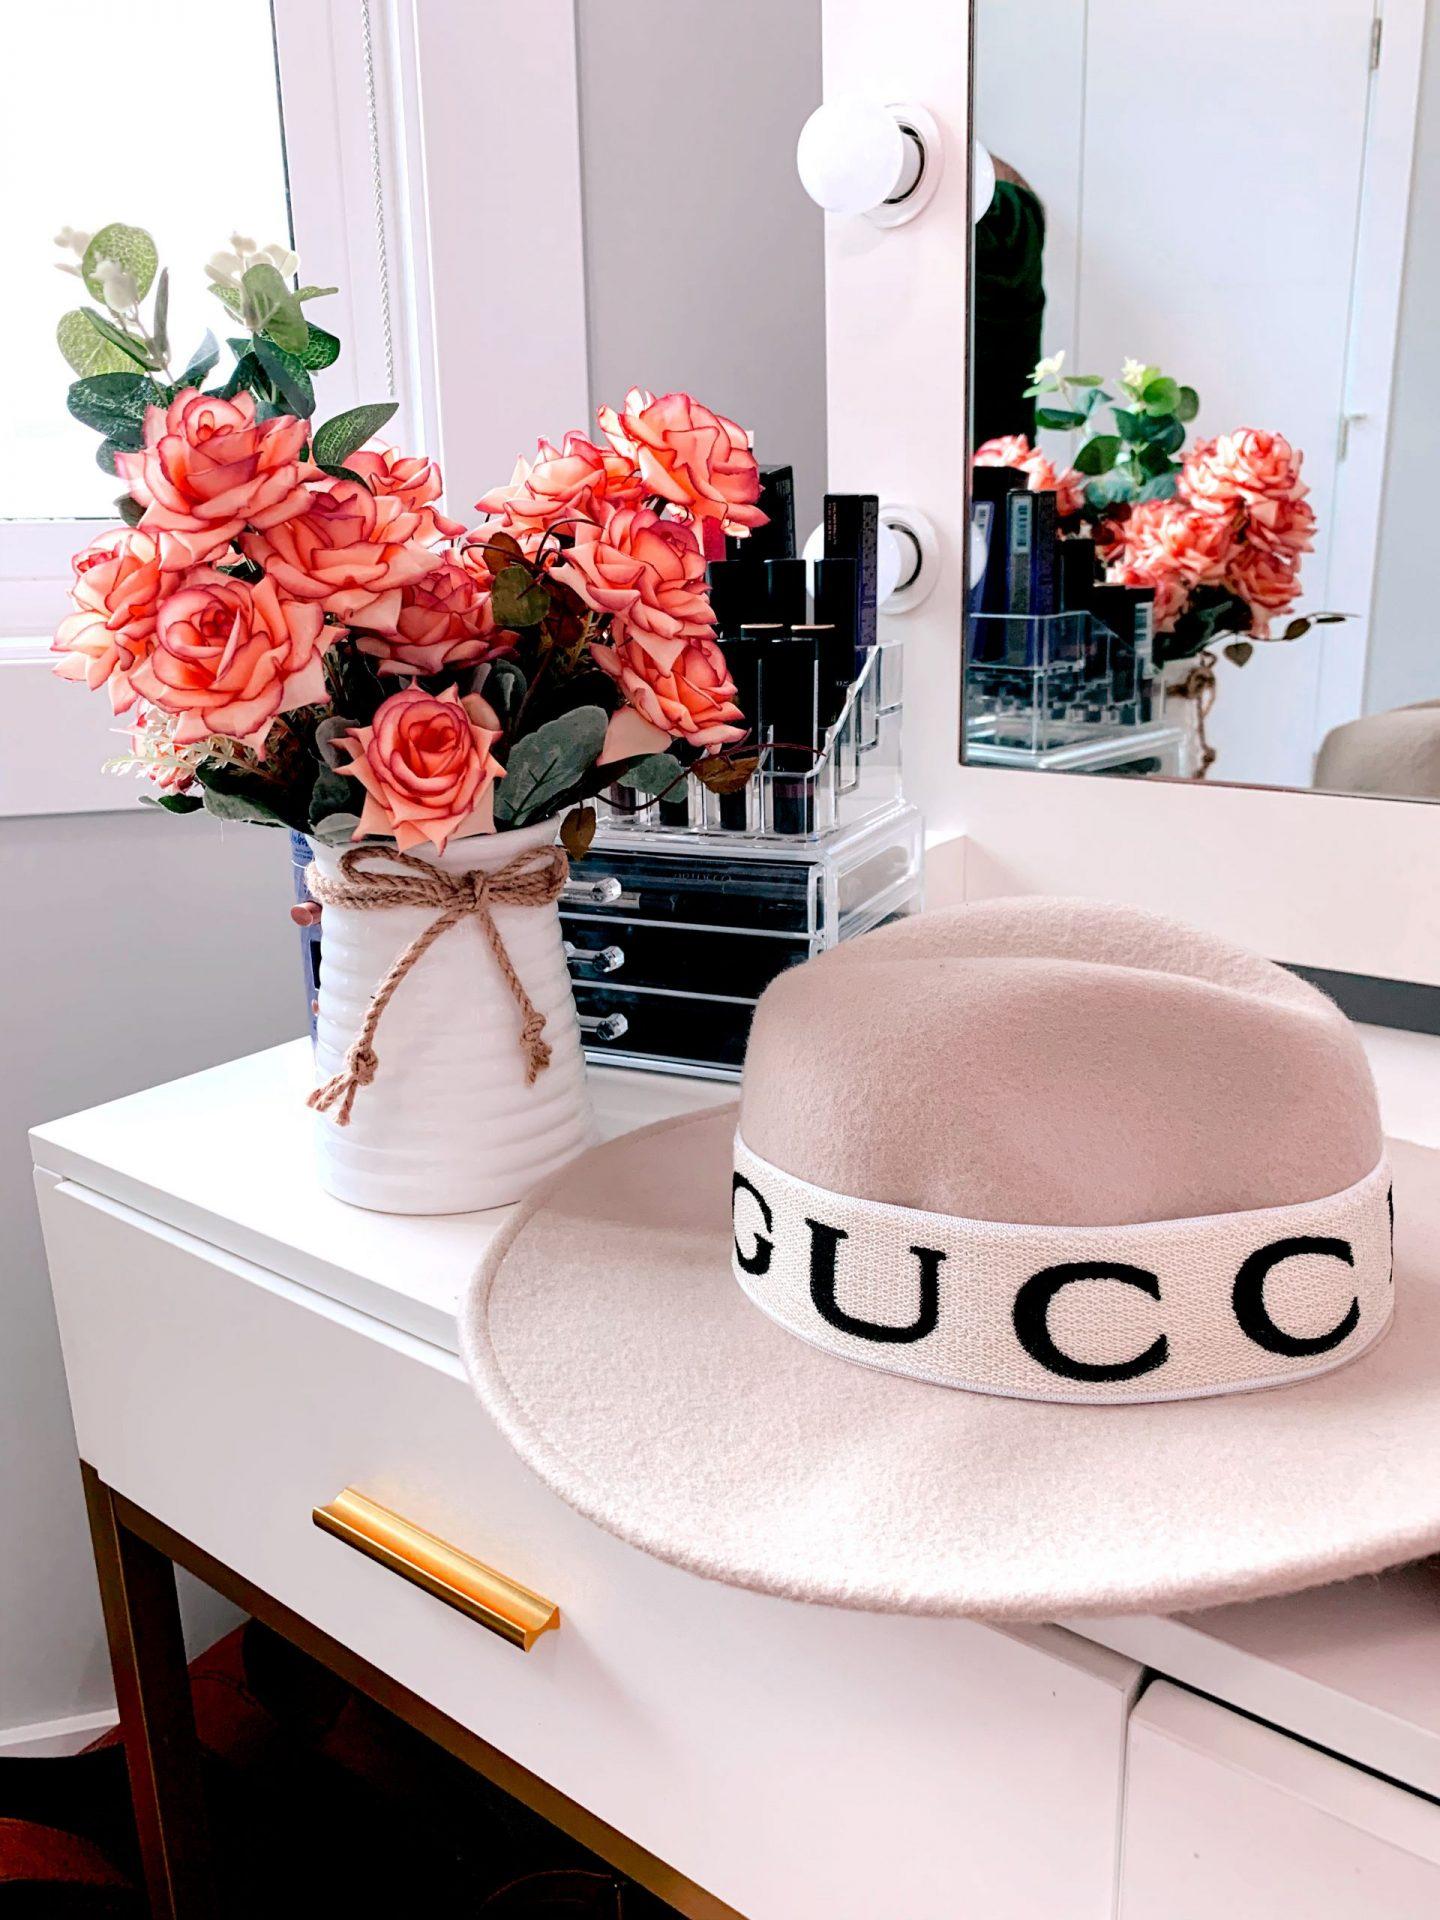 designer dupes gucci inspired hat